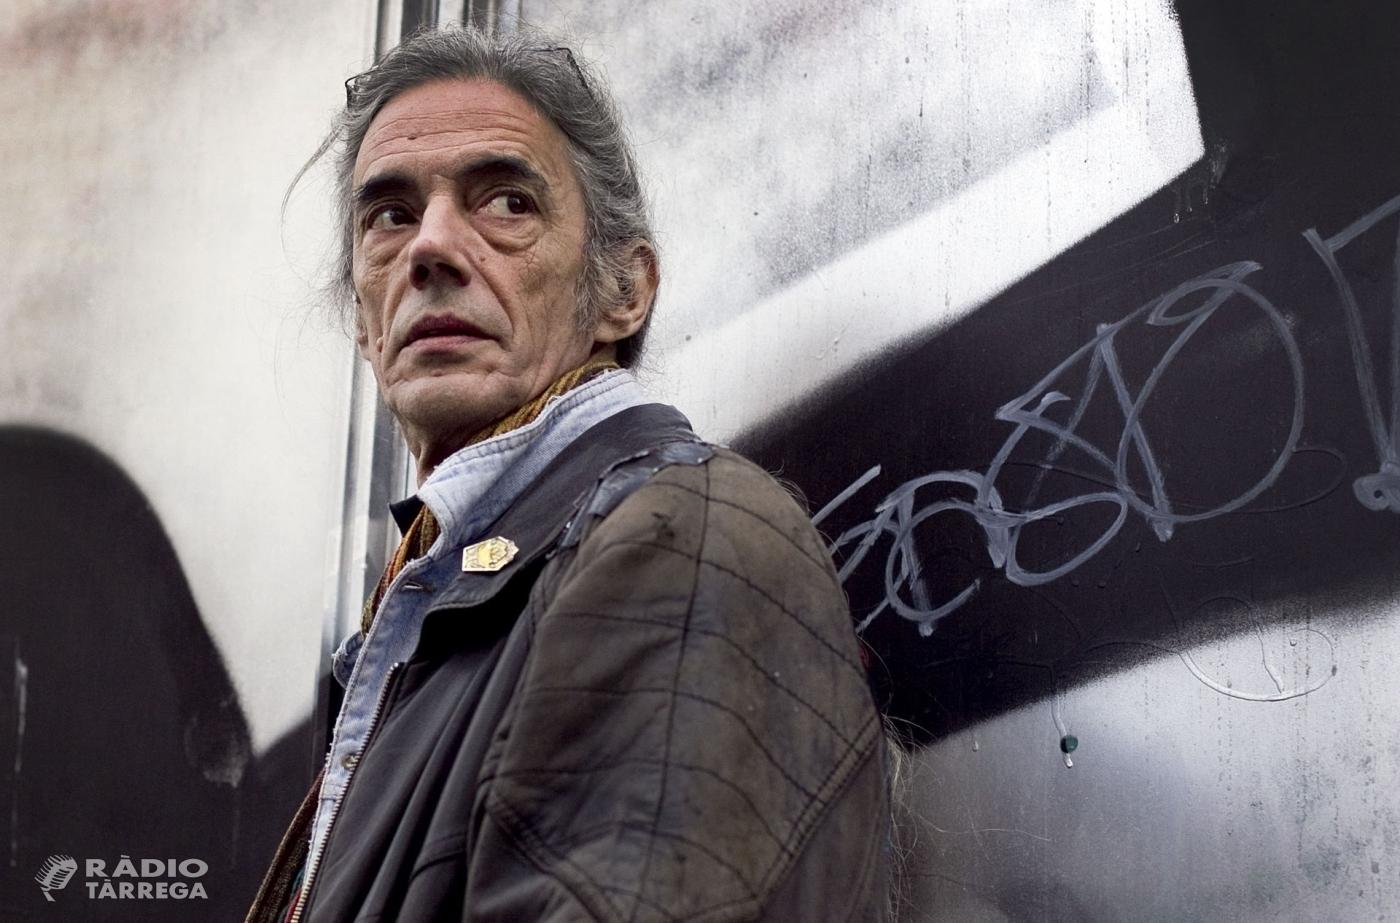 Tàrrega dedicarà el cicle literari de Sant Jordi a l'escriptor Enric Casasses